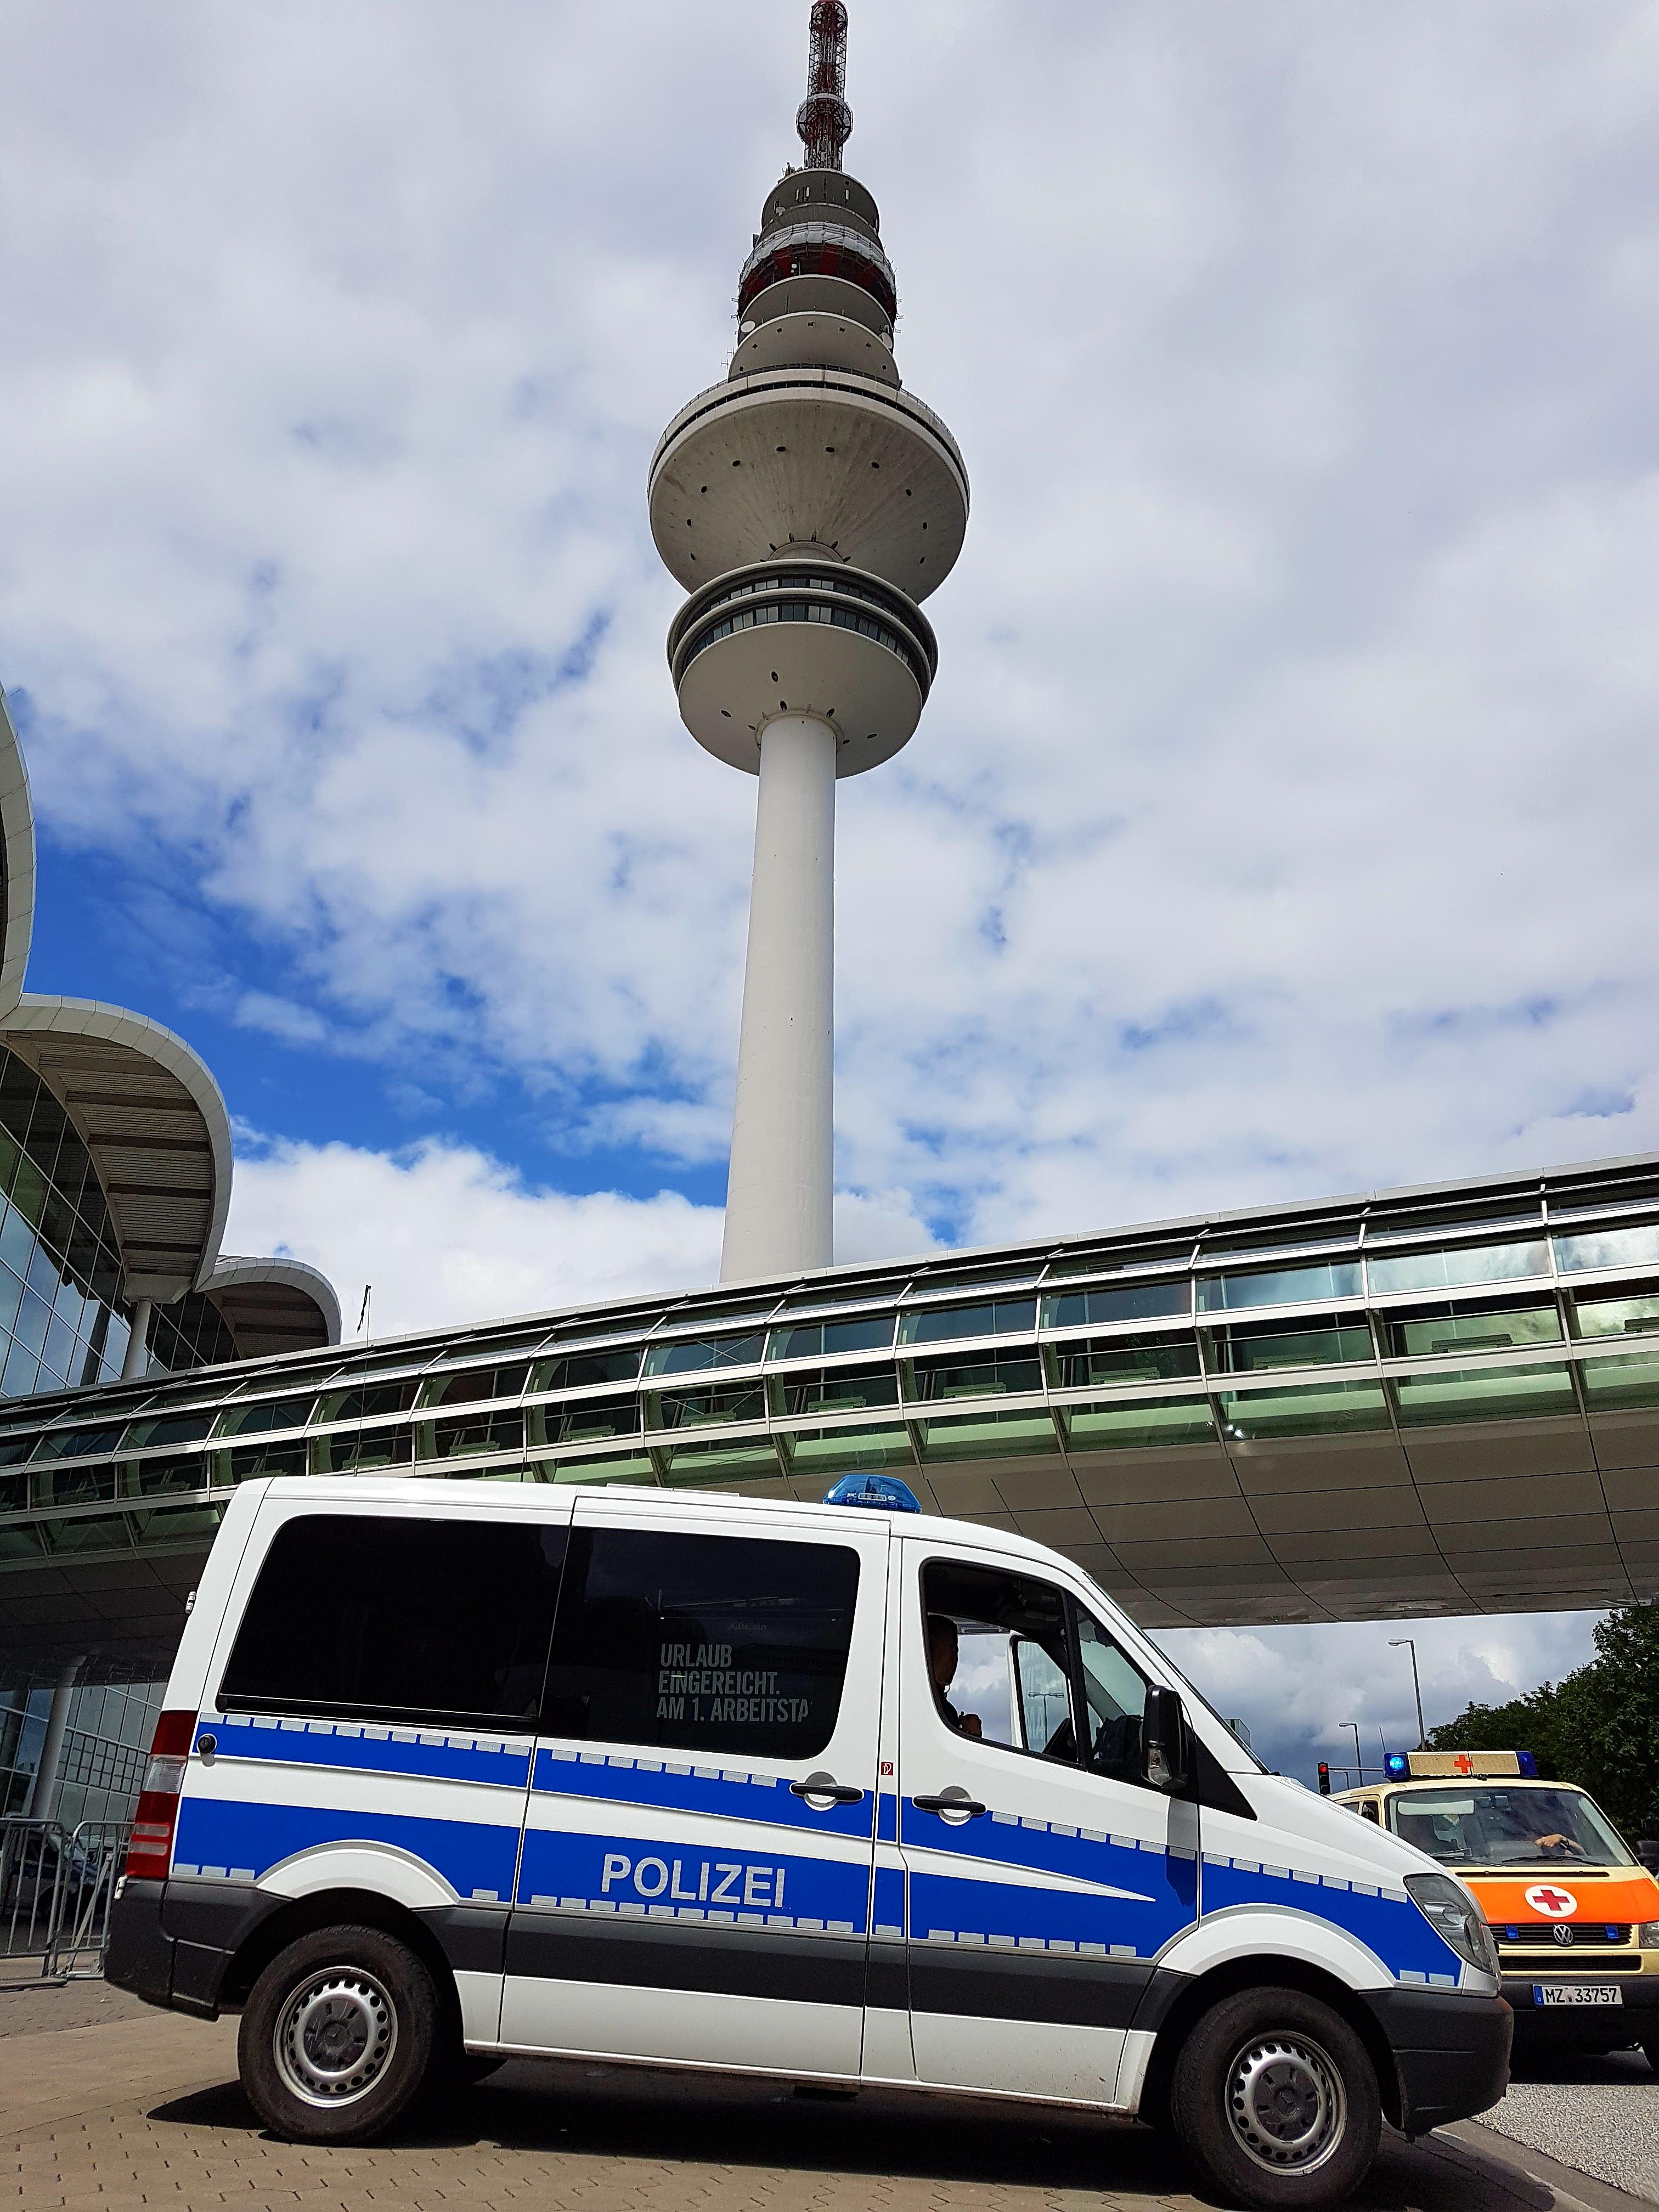 G20 Polizei Fernsehturm